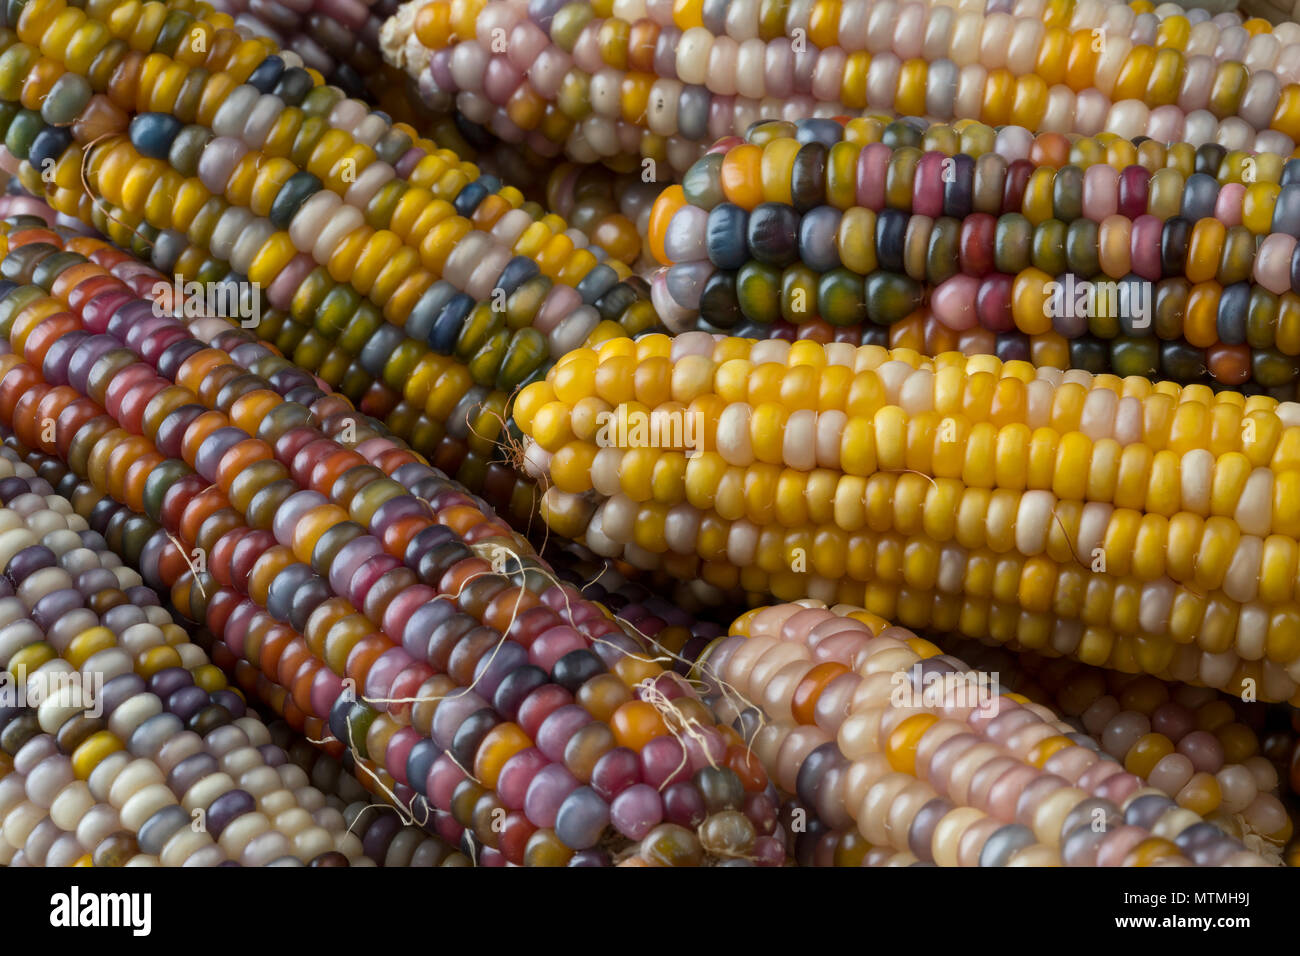 Gem Corn Stock Photos Gem Corn Stock Images Alamy